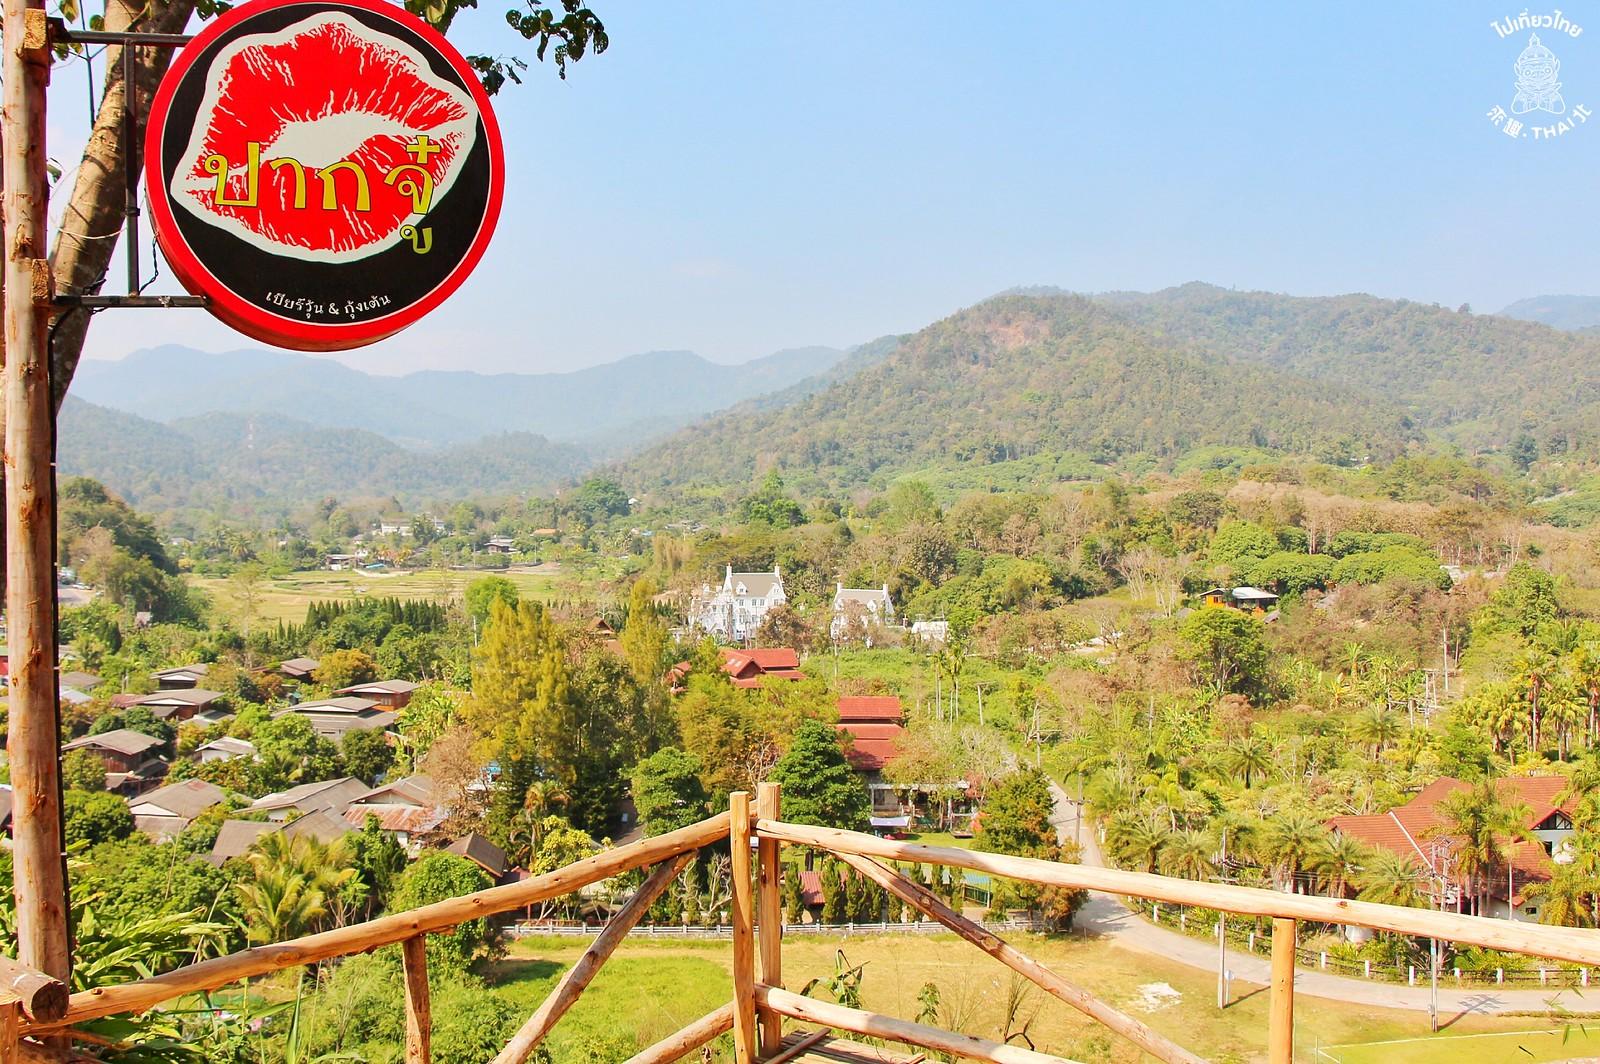 山谷中的景觀泰式餐廳 《ร้านปากจู๋ bpak jhu 》